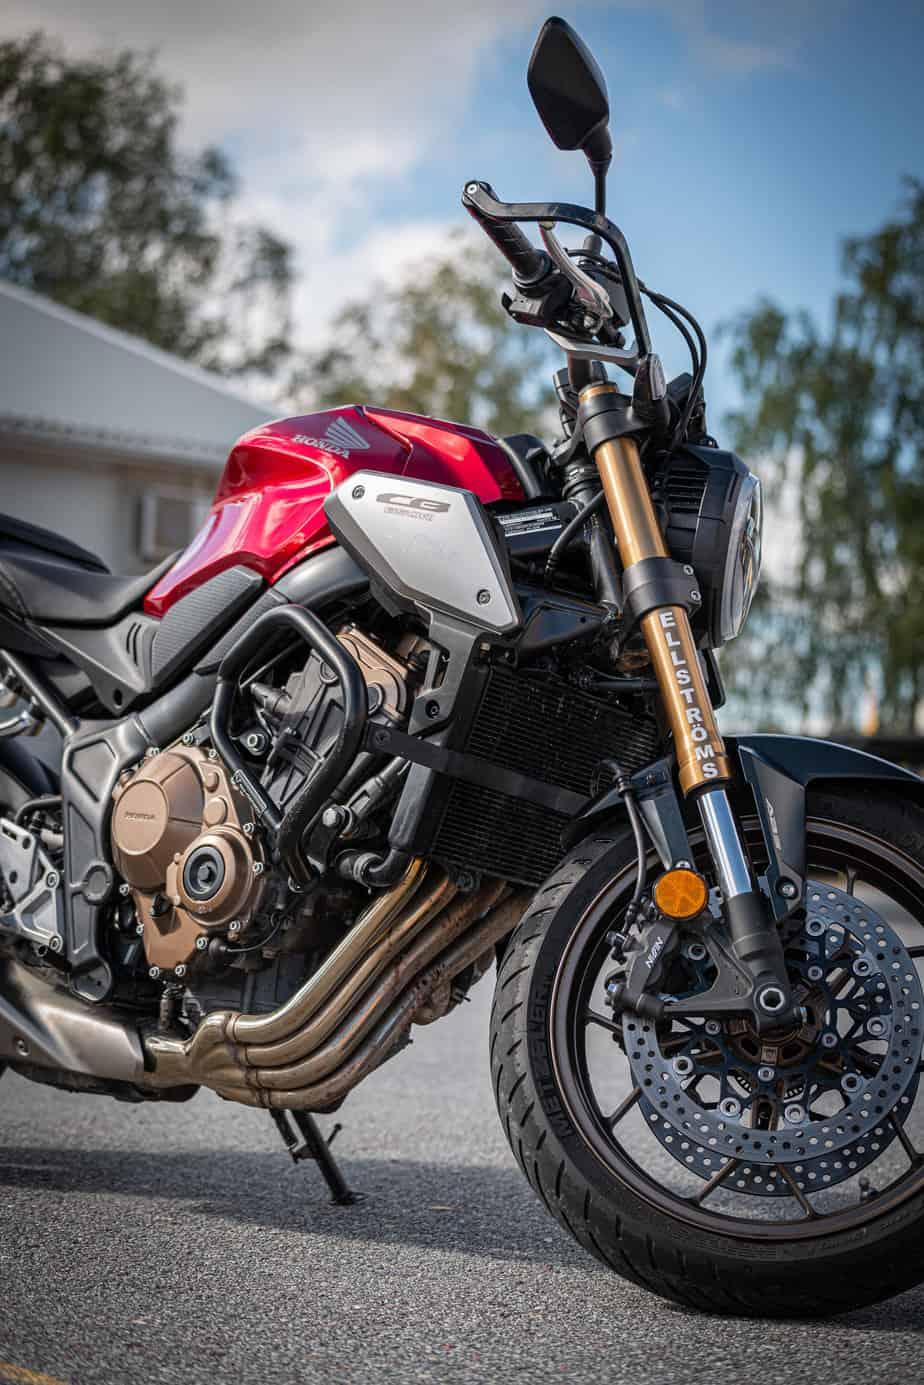 Skinande motorcykel som illustrerar Ellströms motorcykelutbildningar